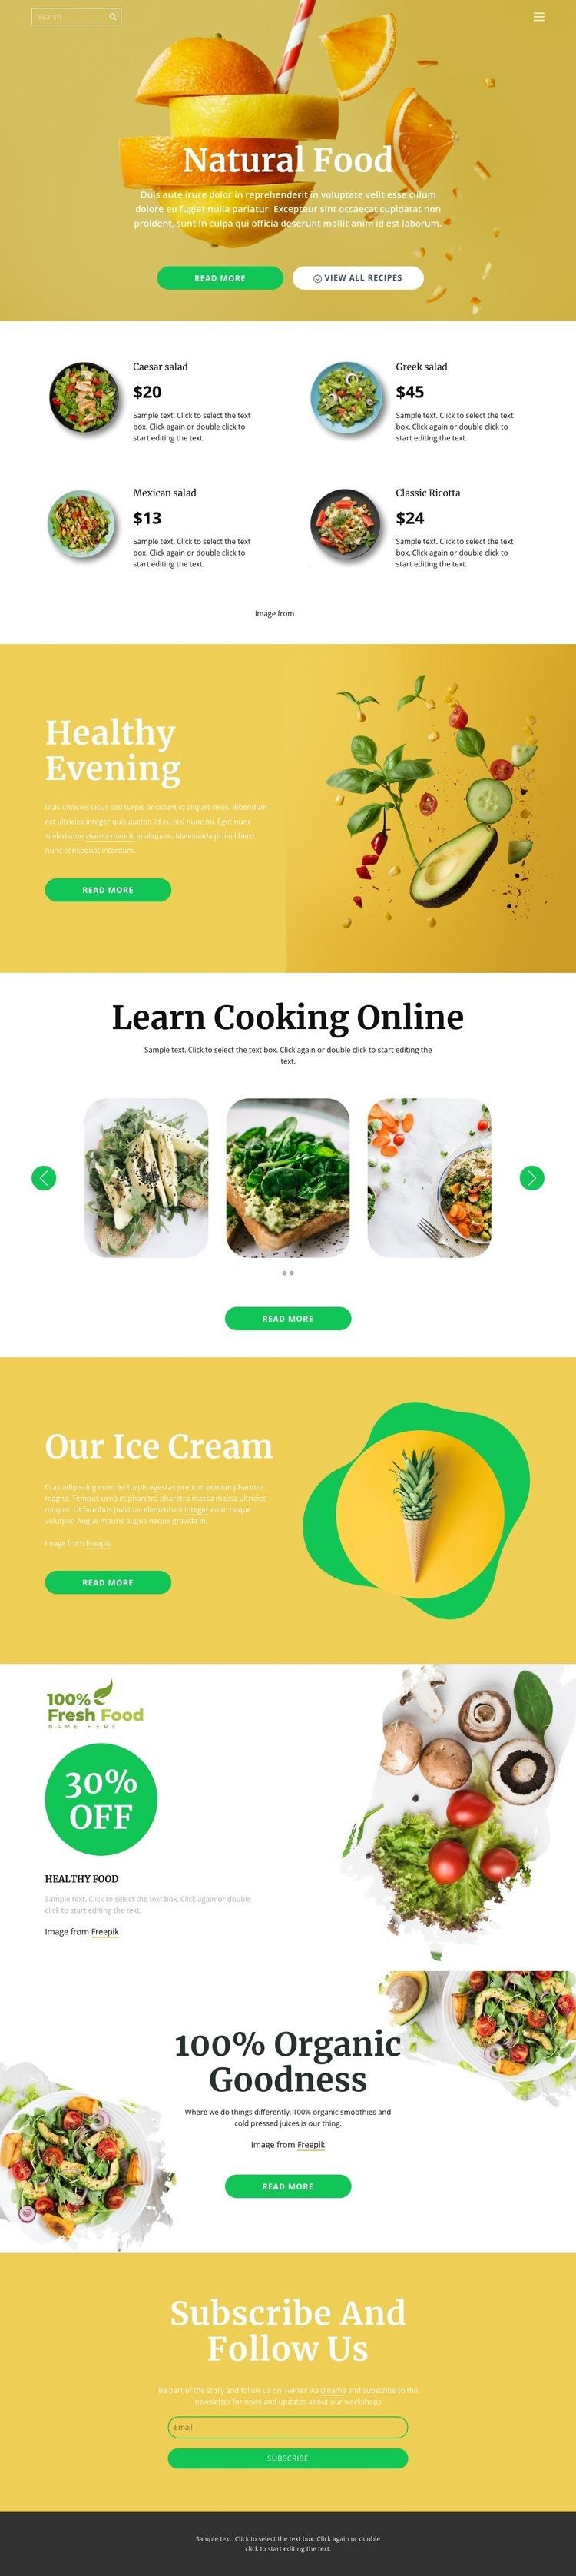 Delicious and healthy food Web Page Designer